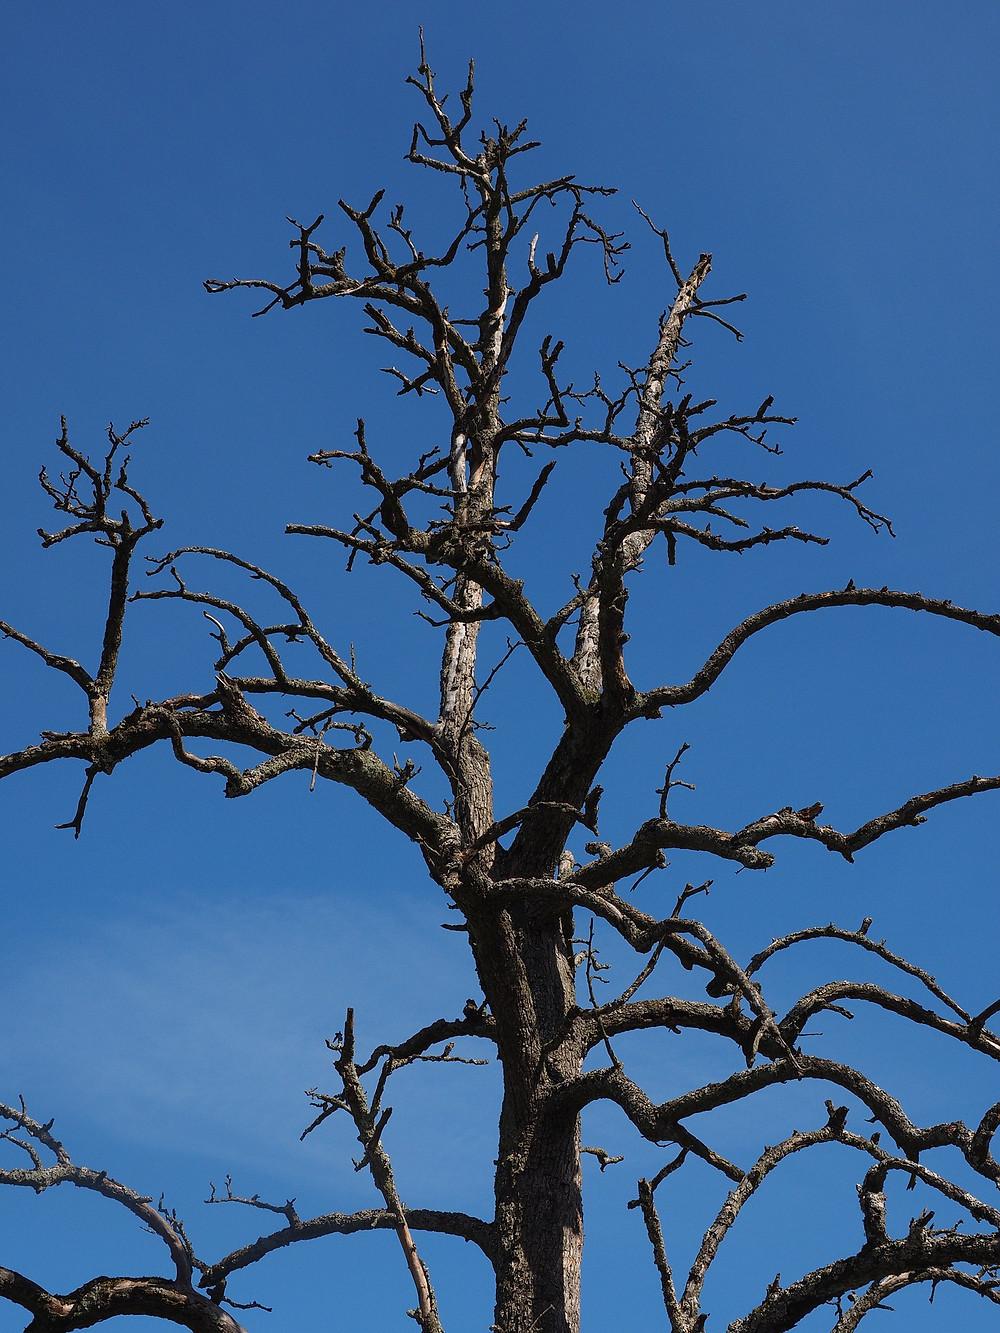 Dead tree, Winter Tree, Blue sky